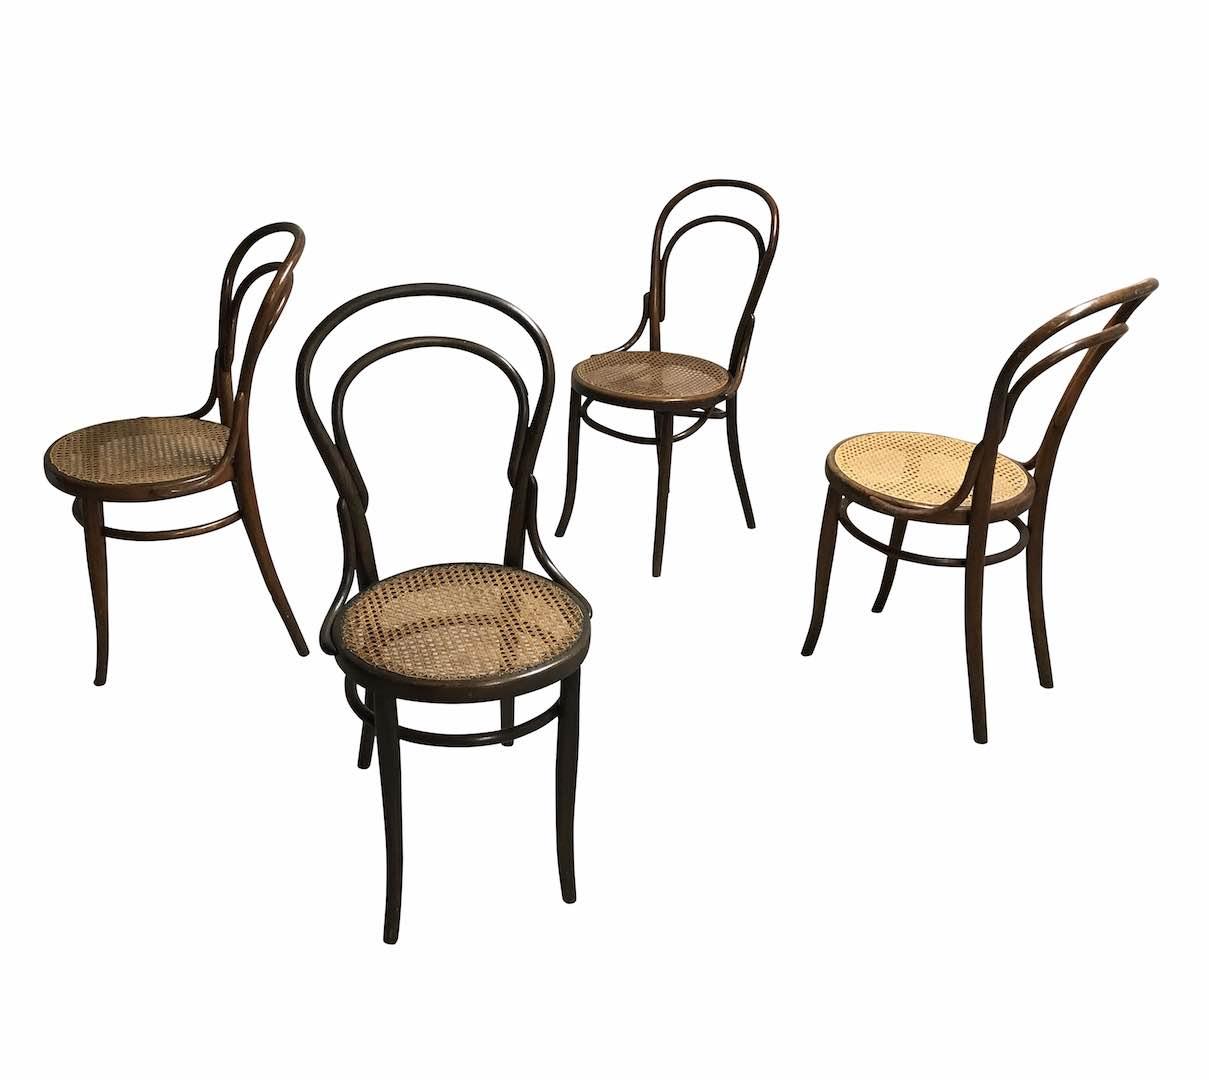 La sedia 14 di Thonet, la prima prodotta in massa